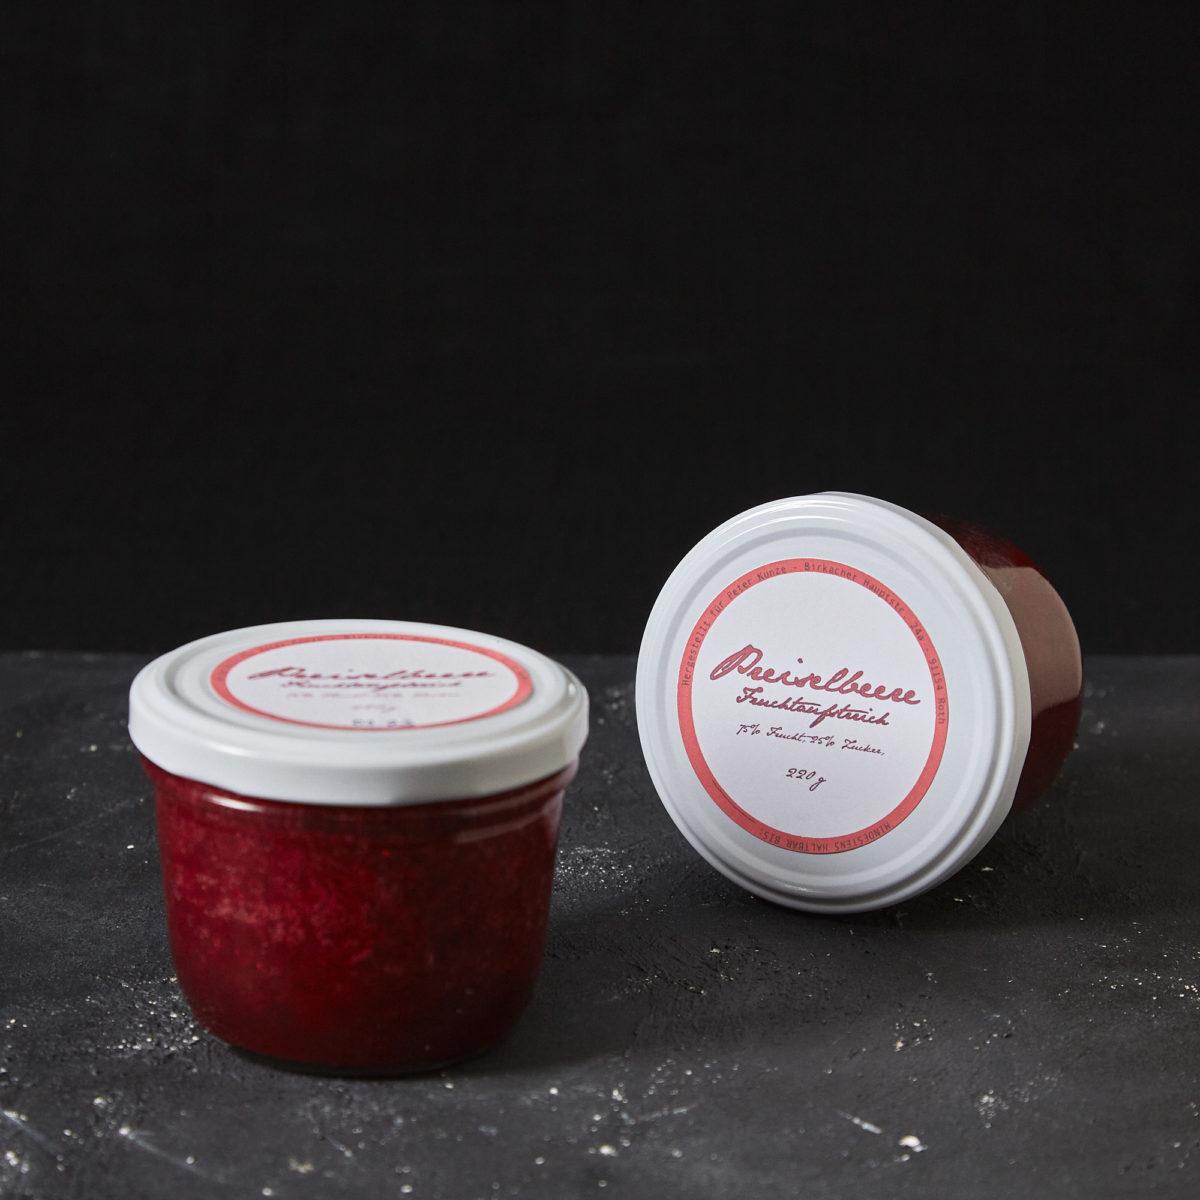 Preiselbeer Fruchtaufstrich von Peter Kunze im Hausgemachtes Shop